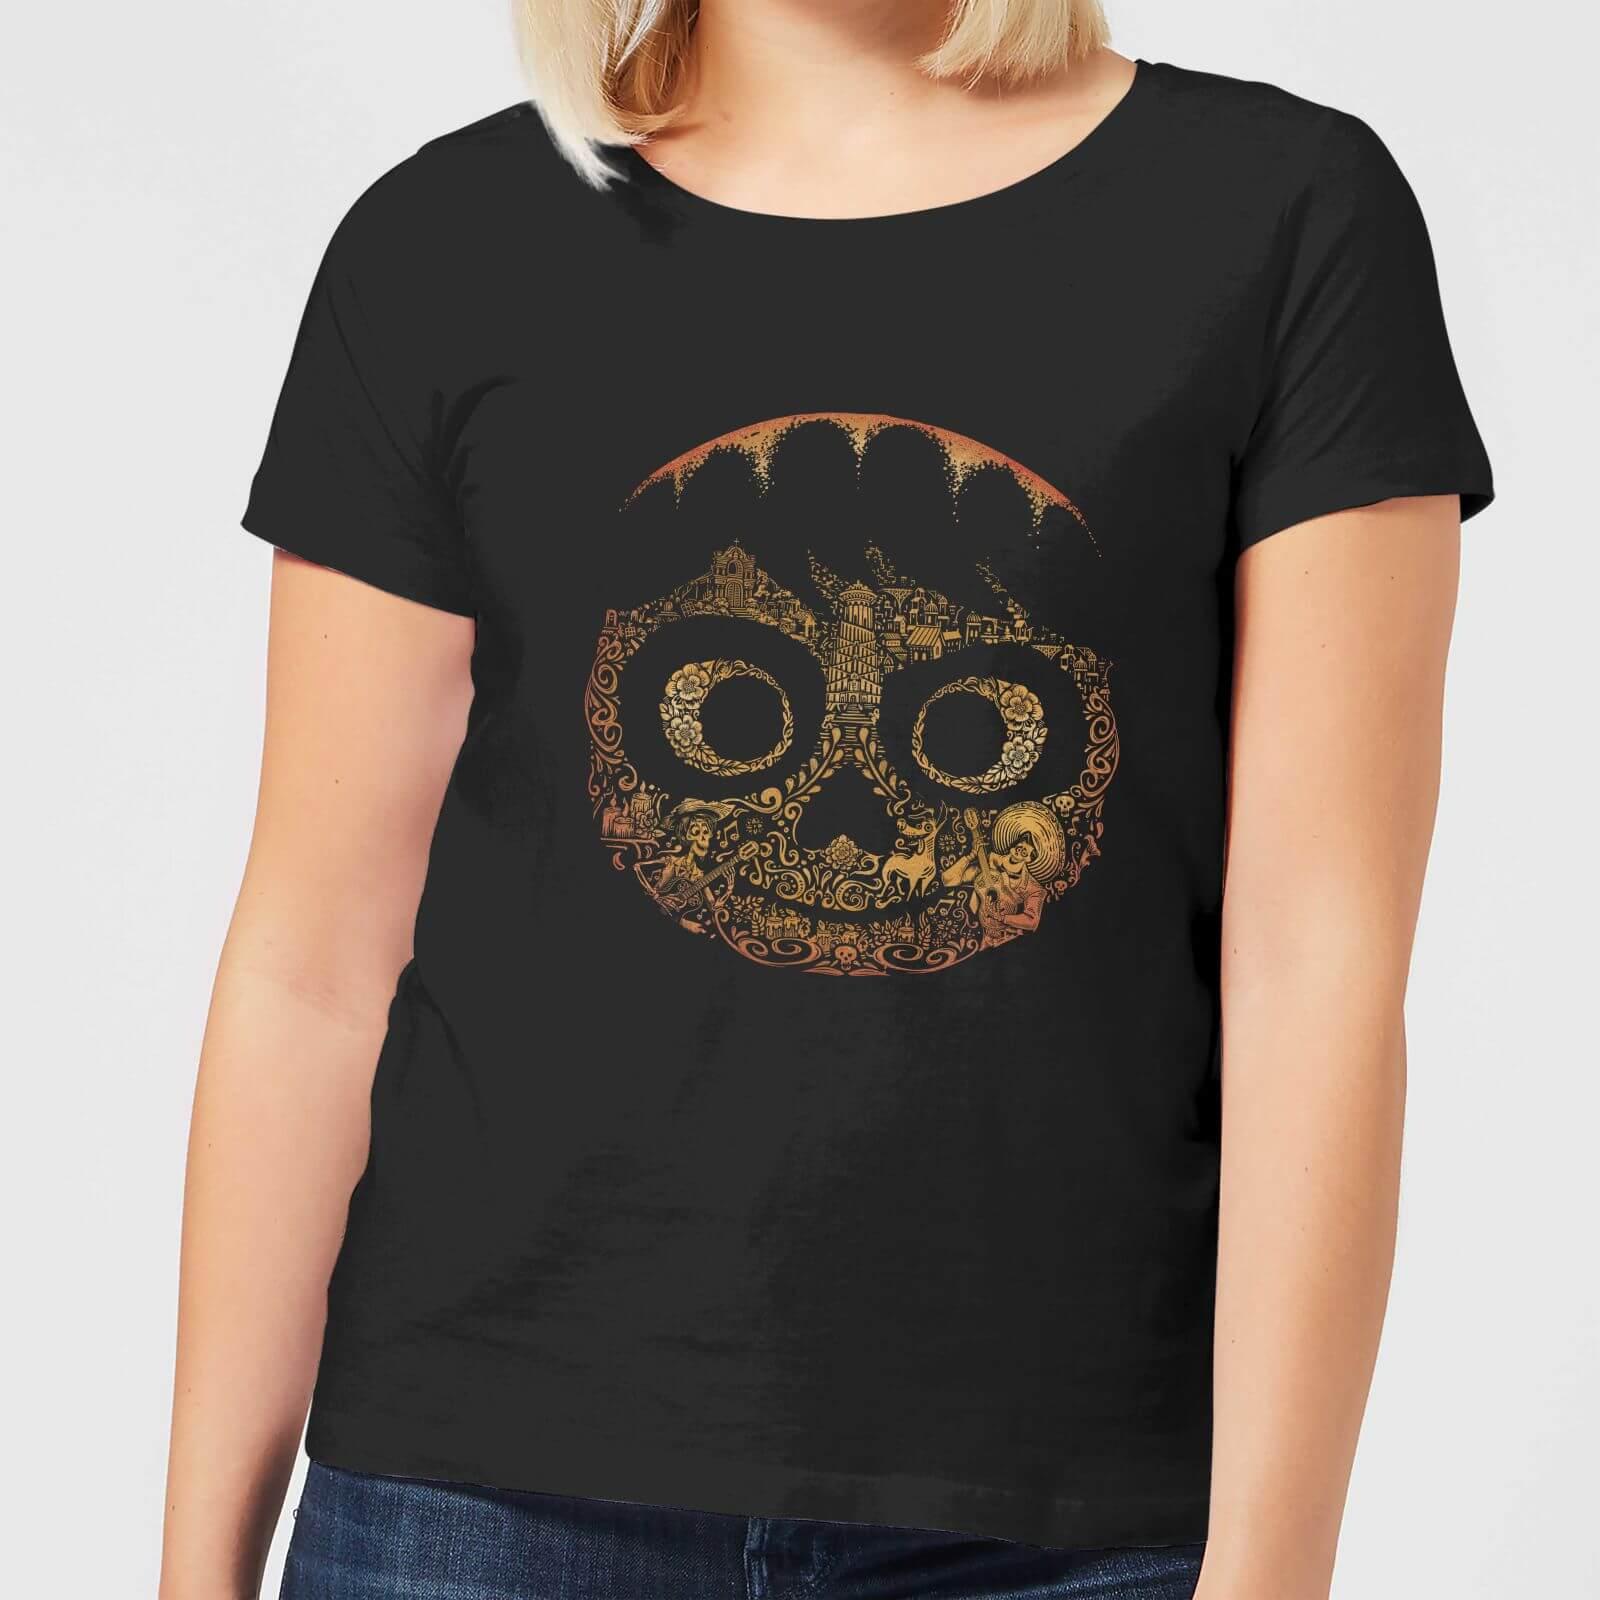 Pixar T-Shirt Femme Visage Miguel Coco - Noir - S - Noir